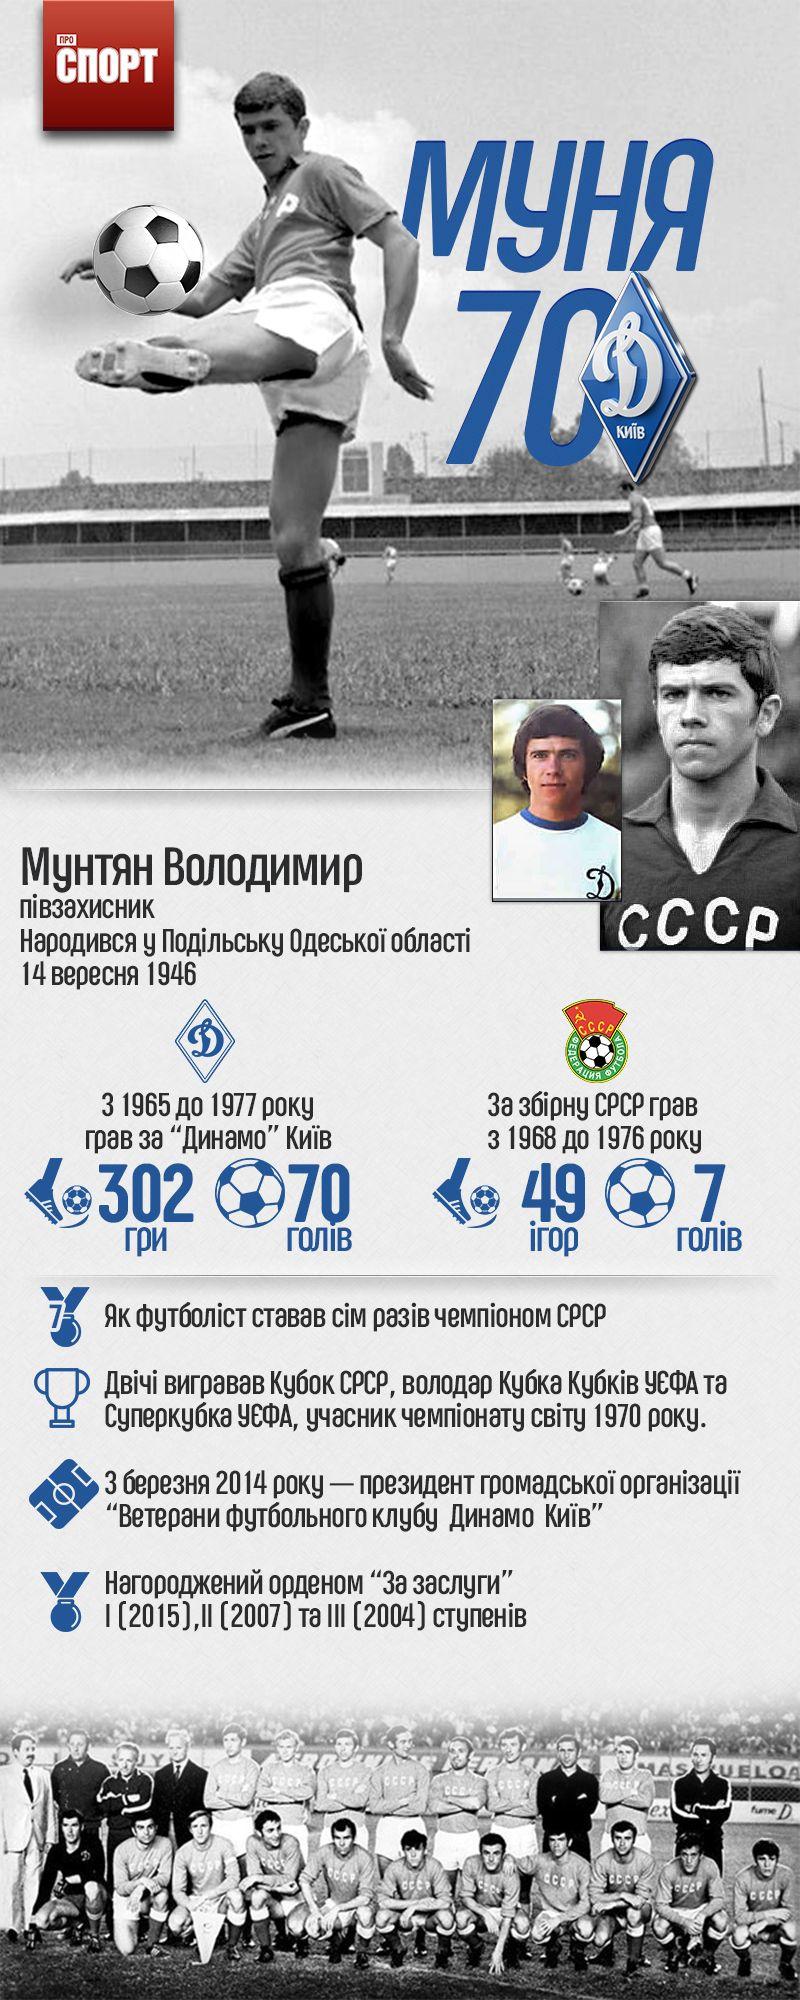 Володимиру Мунтяну 70